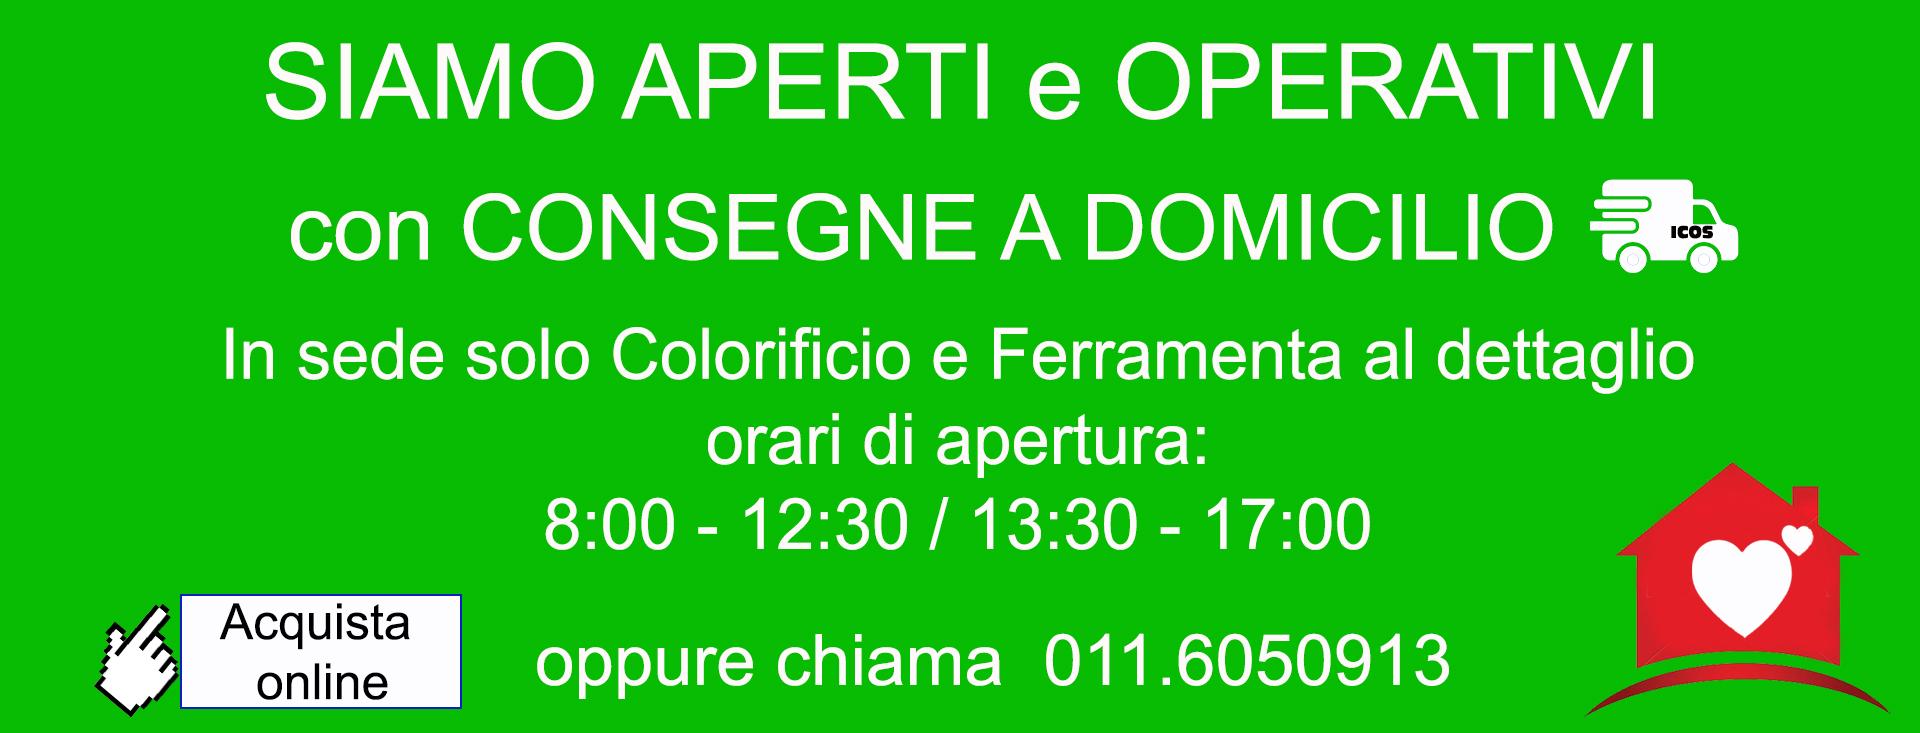 Vendita Arredo Bagno Torino.Materiale Edile Torino Colorificio Ferramenta Piastrelle